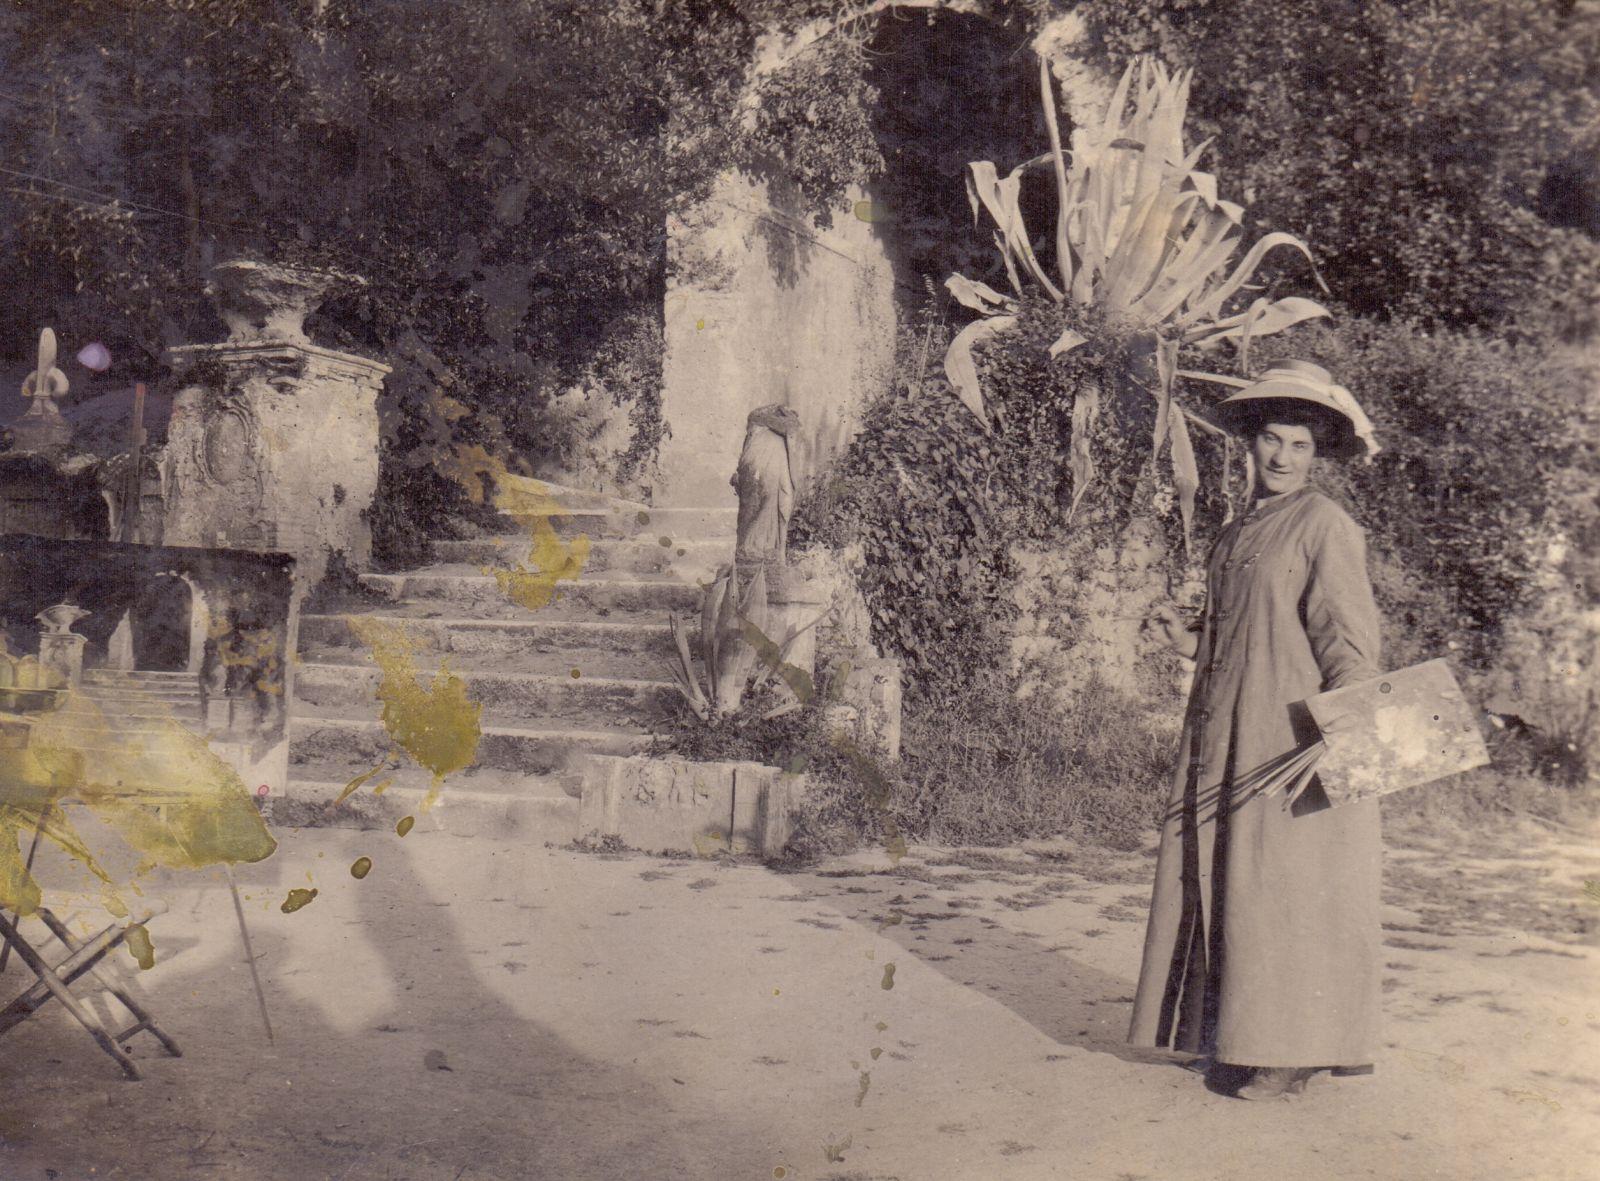 «Μαρία Ιγγλέση (1882-1942) : Μια Μυκονιάτισσα πρωτοπόρος ζωγράφος»